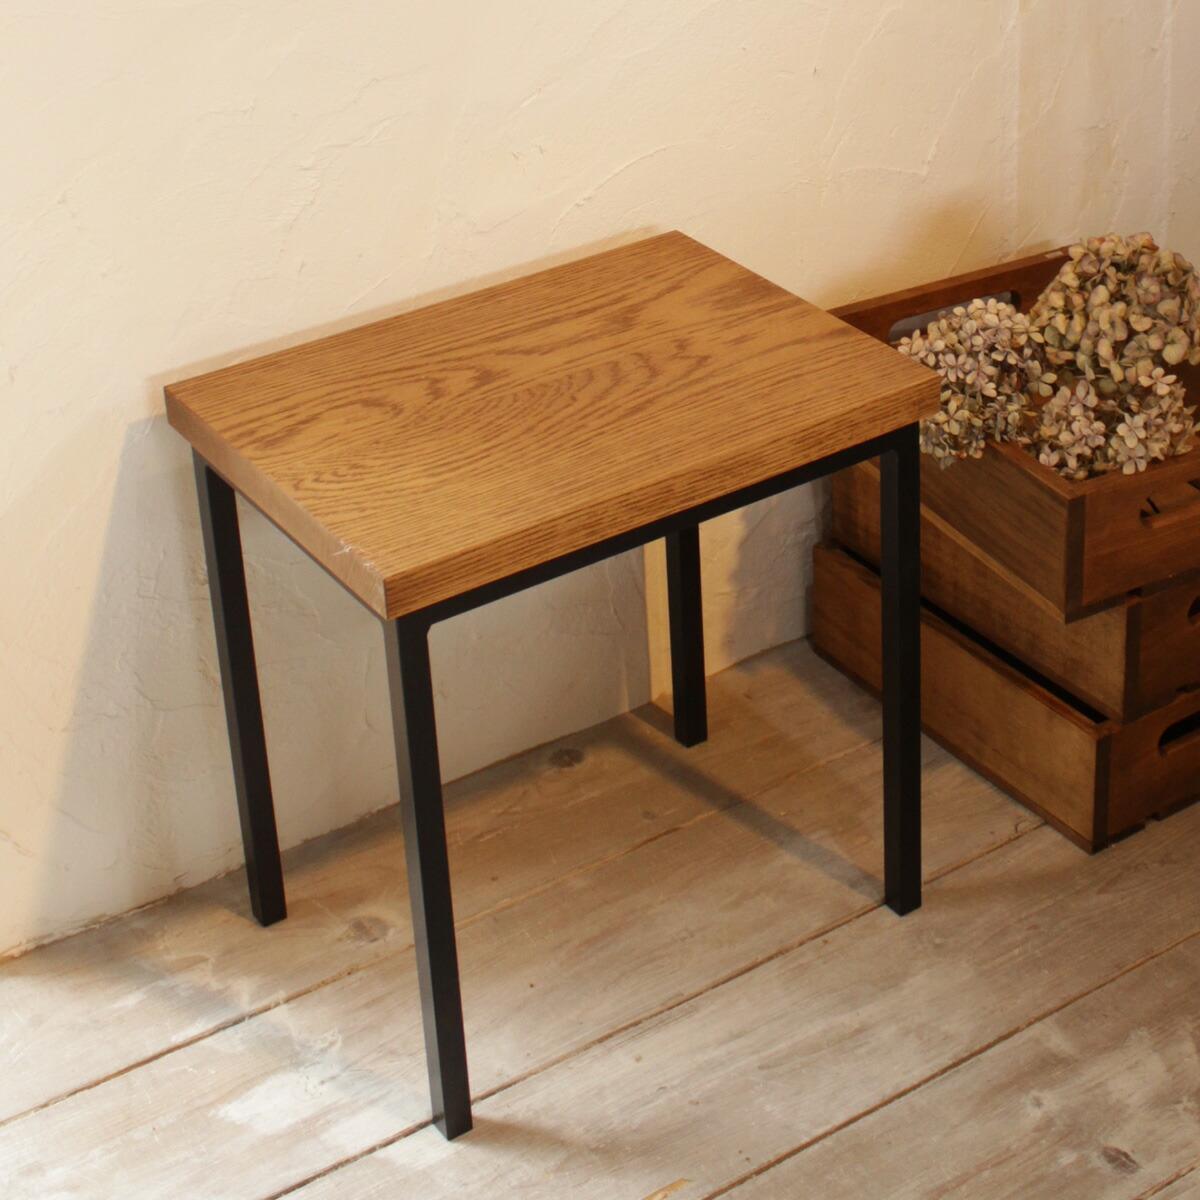 スツール イス 木製 アイアン×オーク材 椅子送料無料